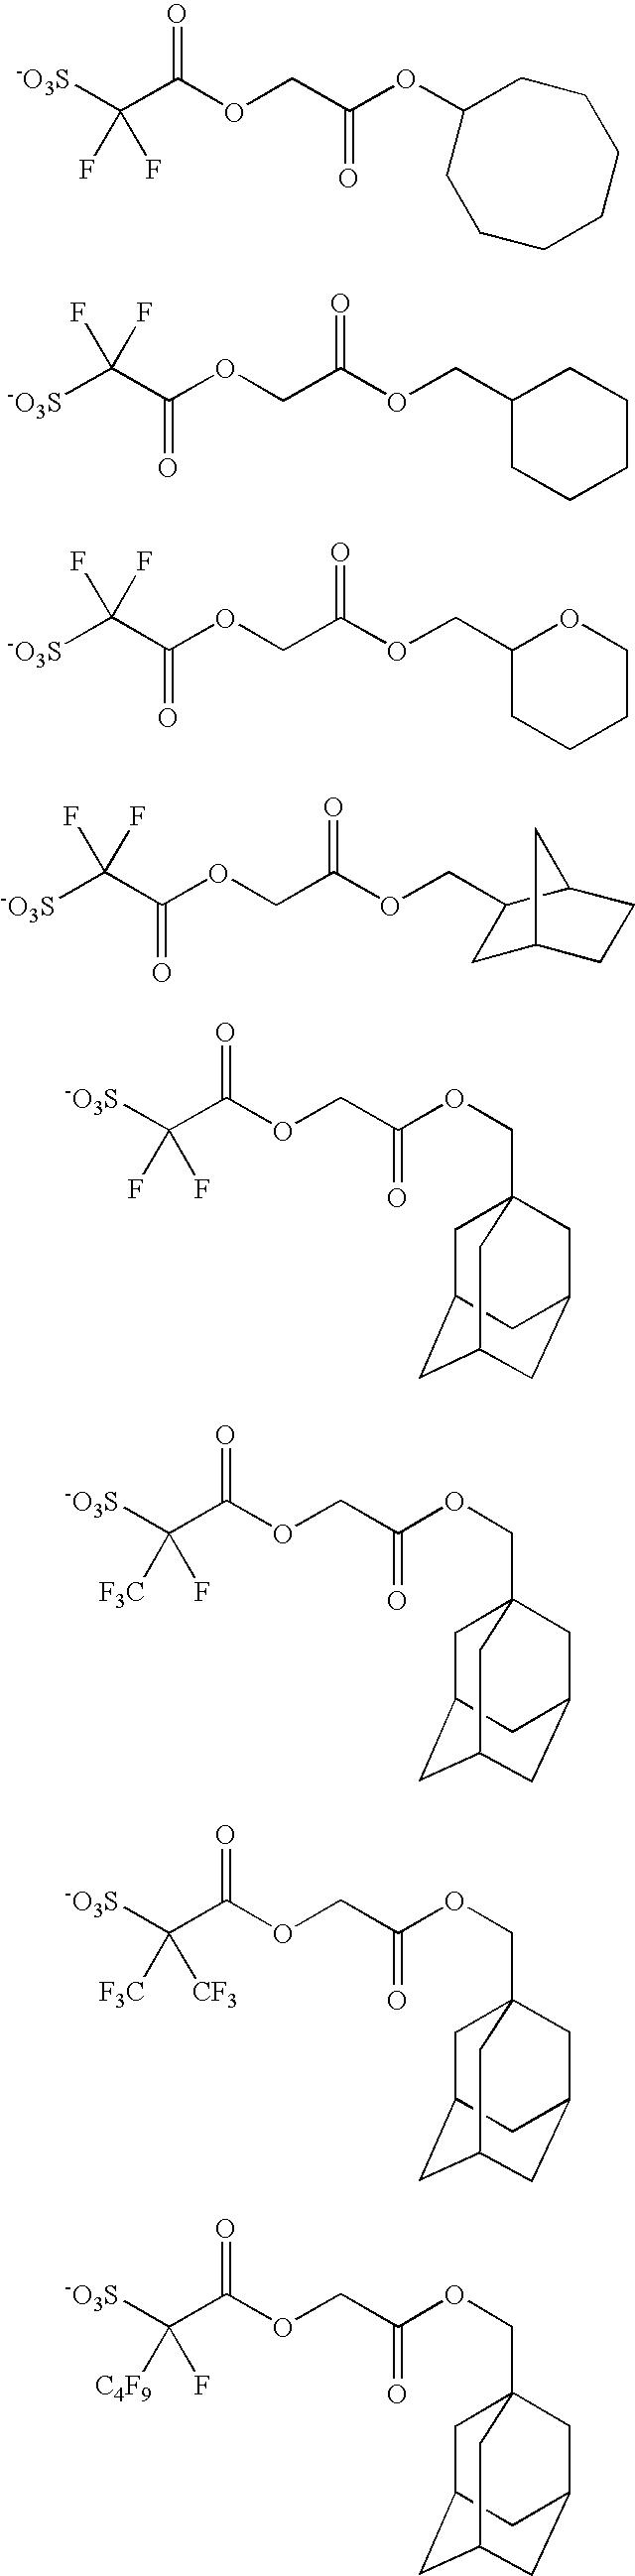 Figure US20100323296A1-20101223-C00111